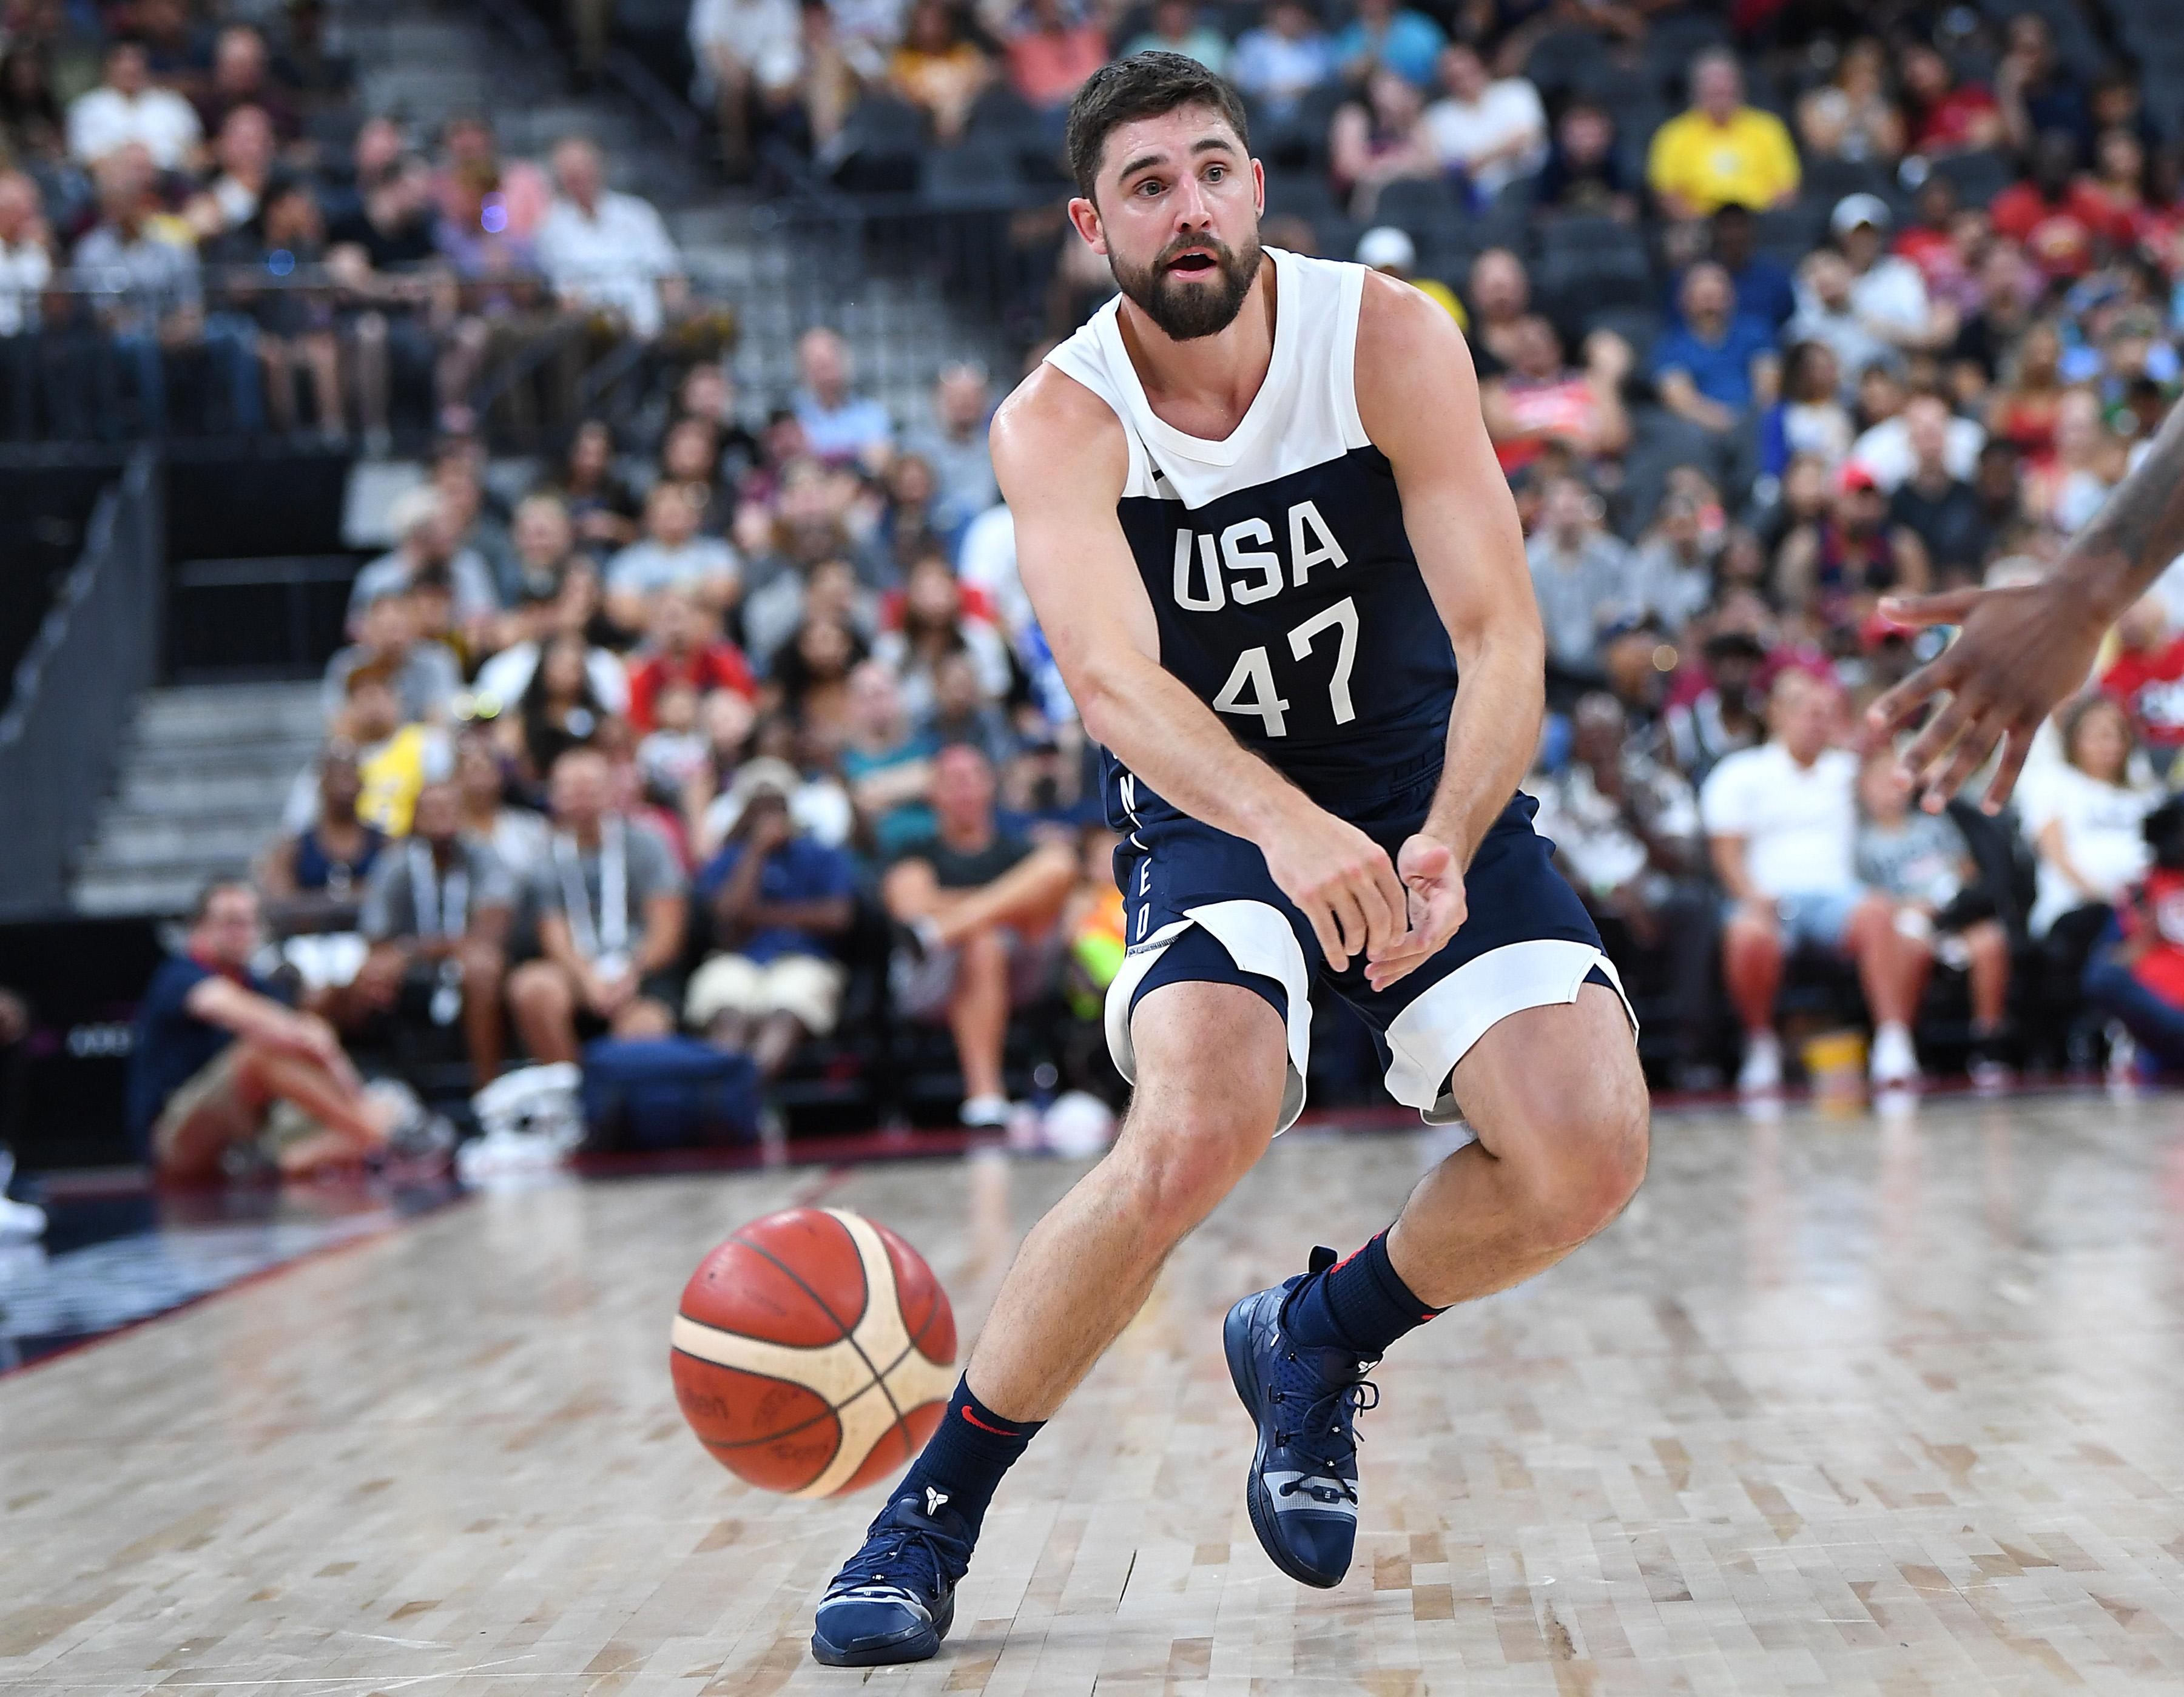 Basketball: USA Basketball Men's National Team-USA White at USA Blue